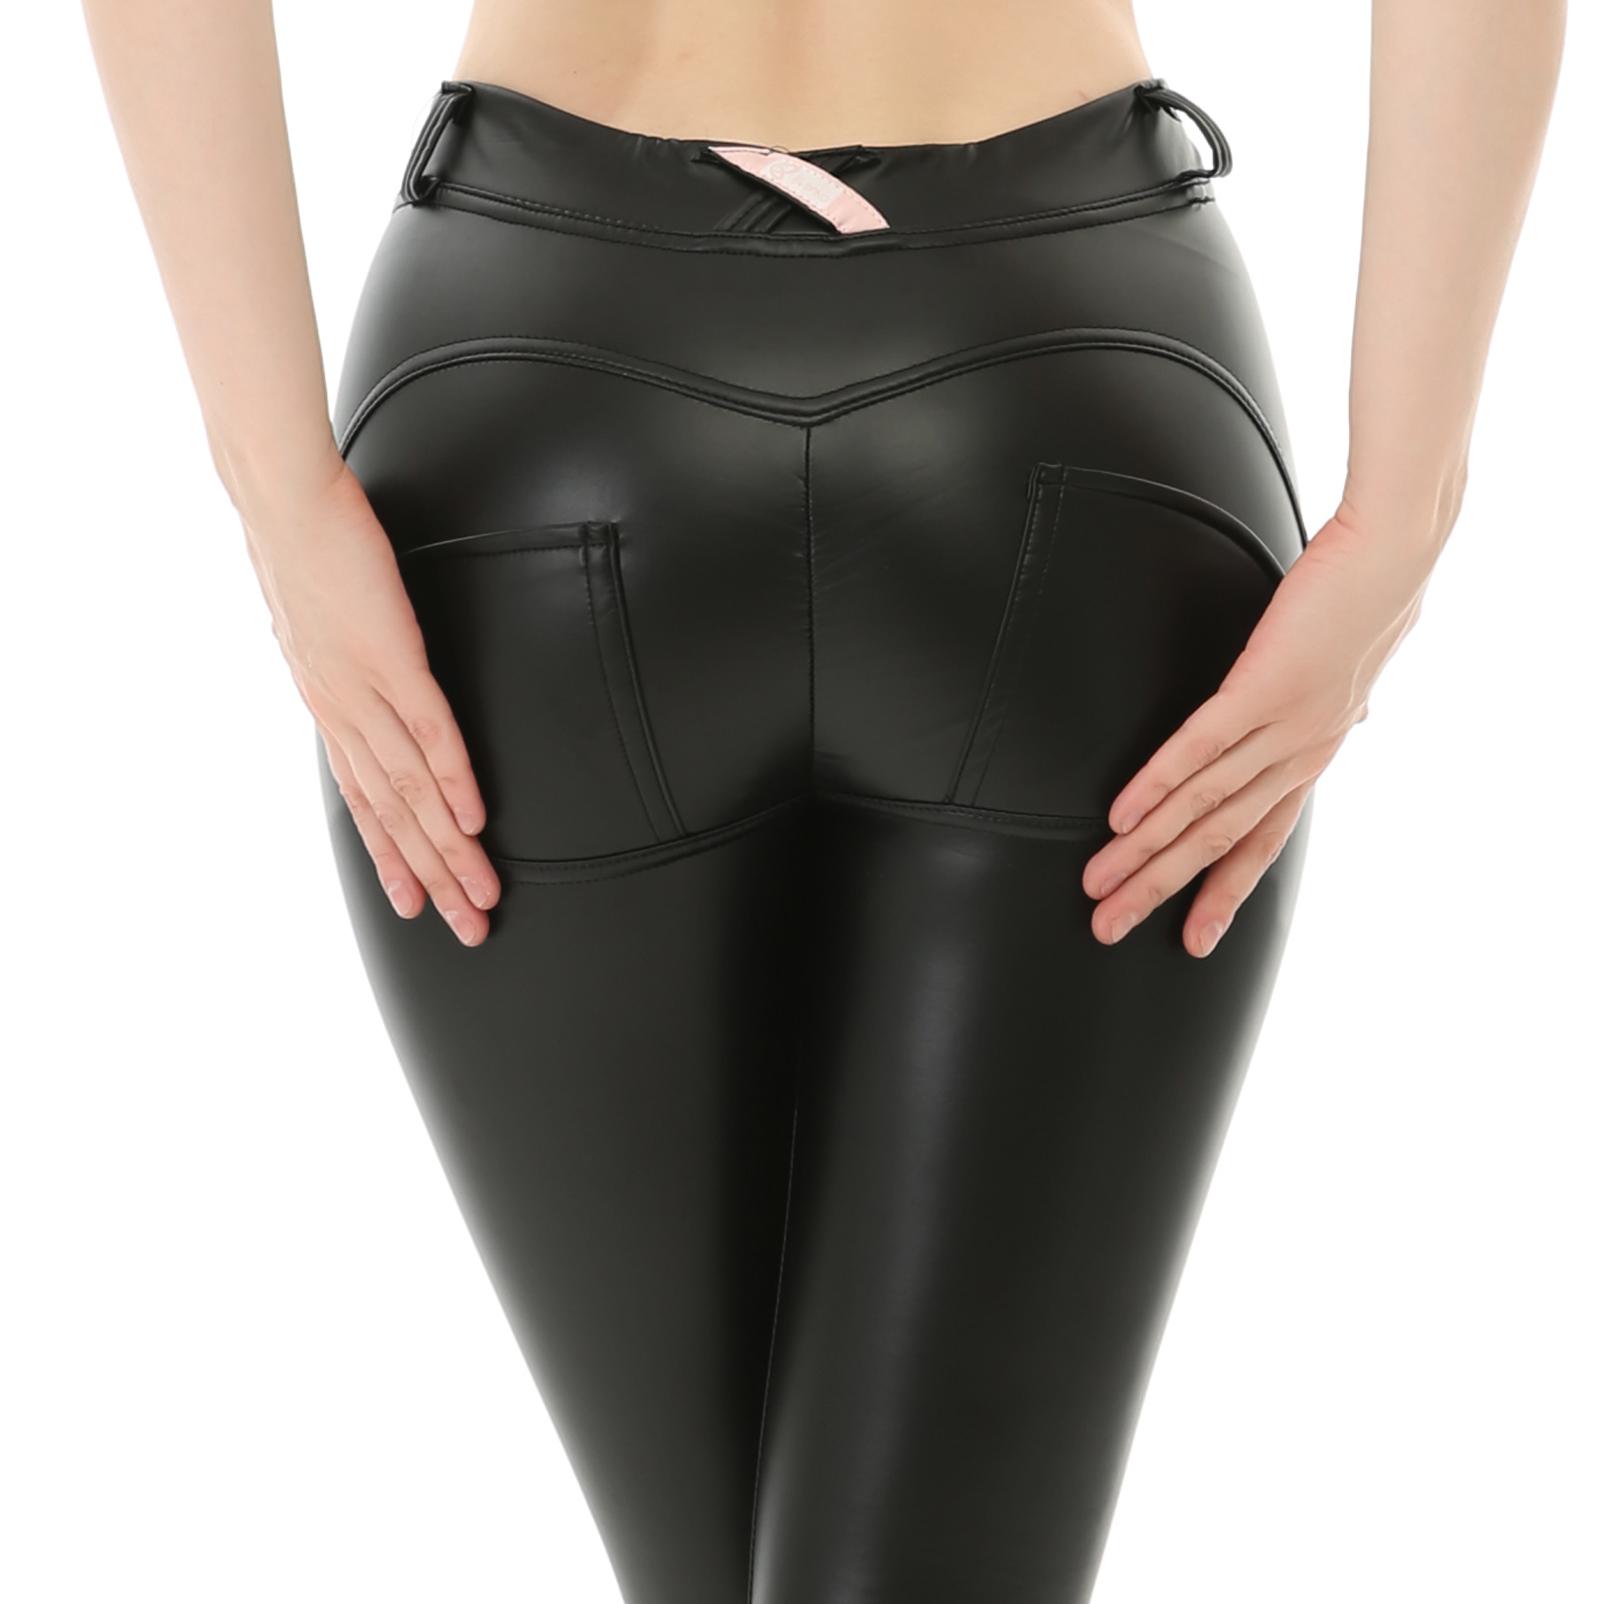 Son tarzı rahat şeftali kalça pu deri yoga pantolon kadın için yüksek streç kalın popo tayt